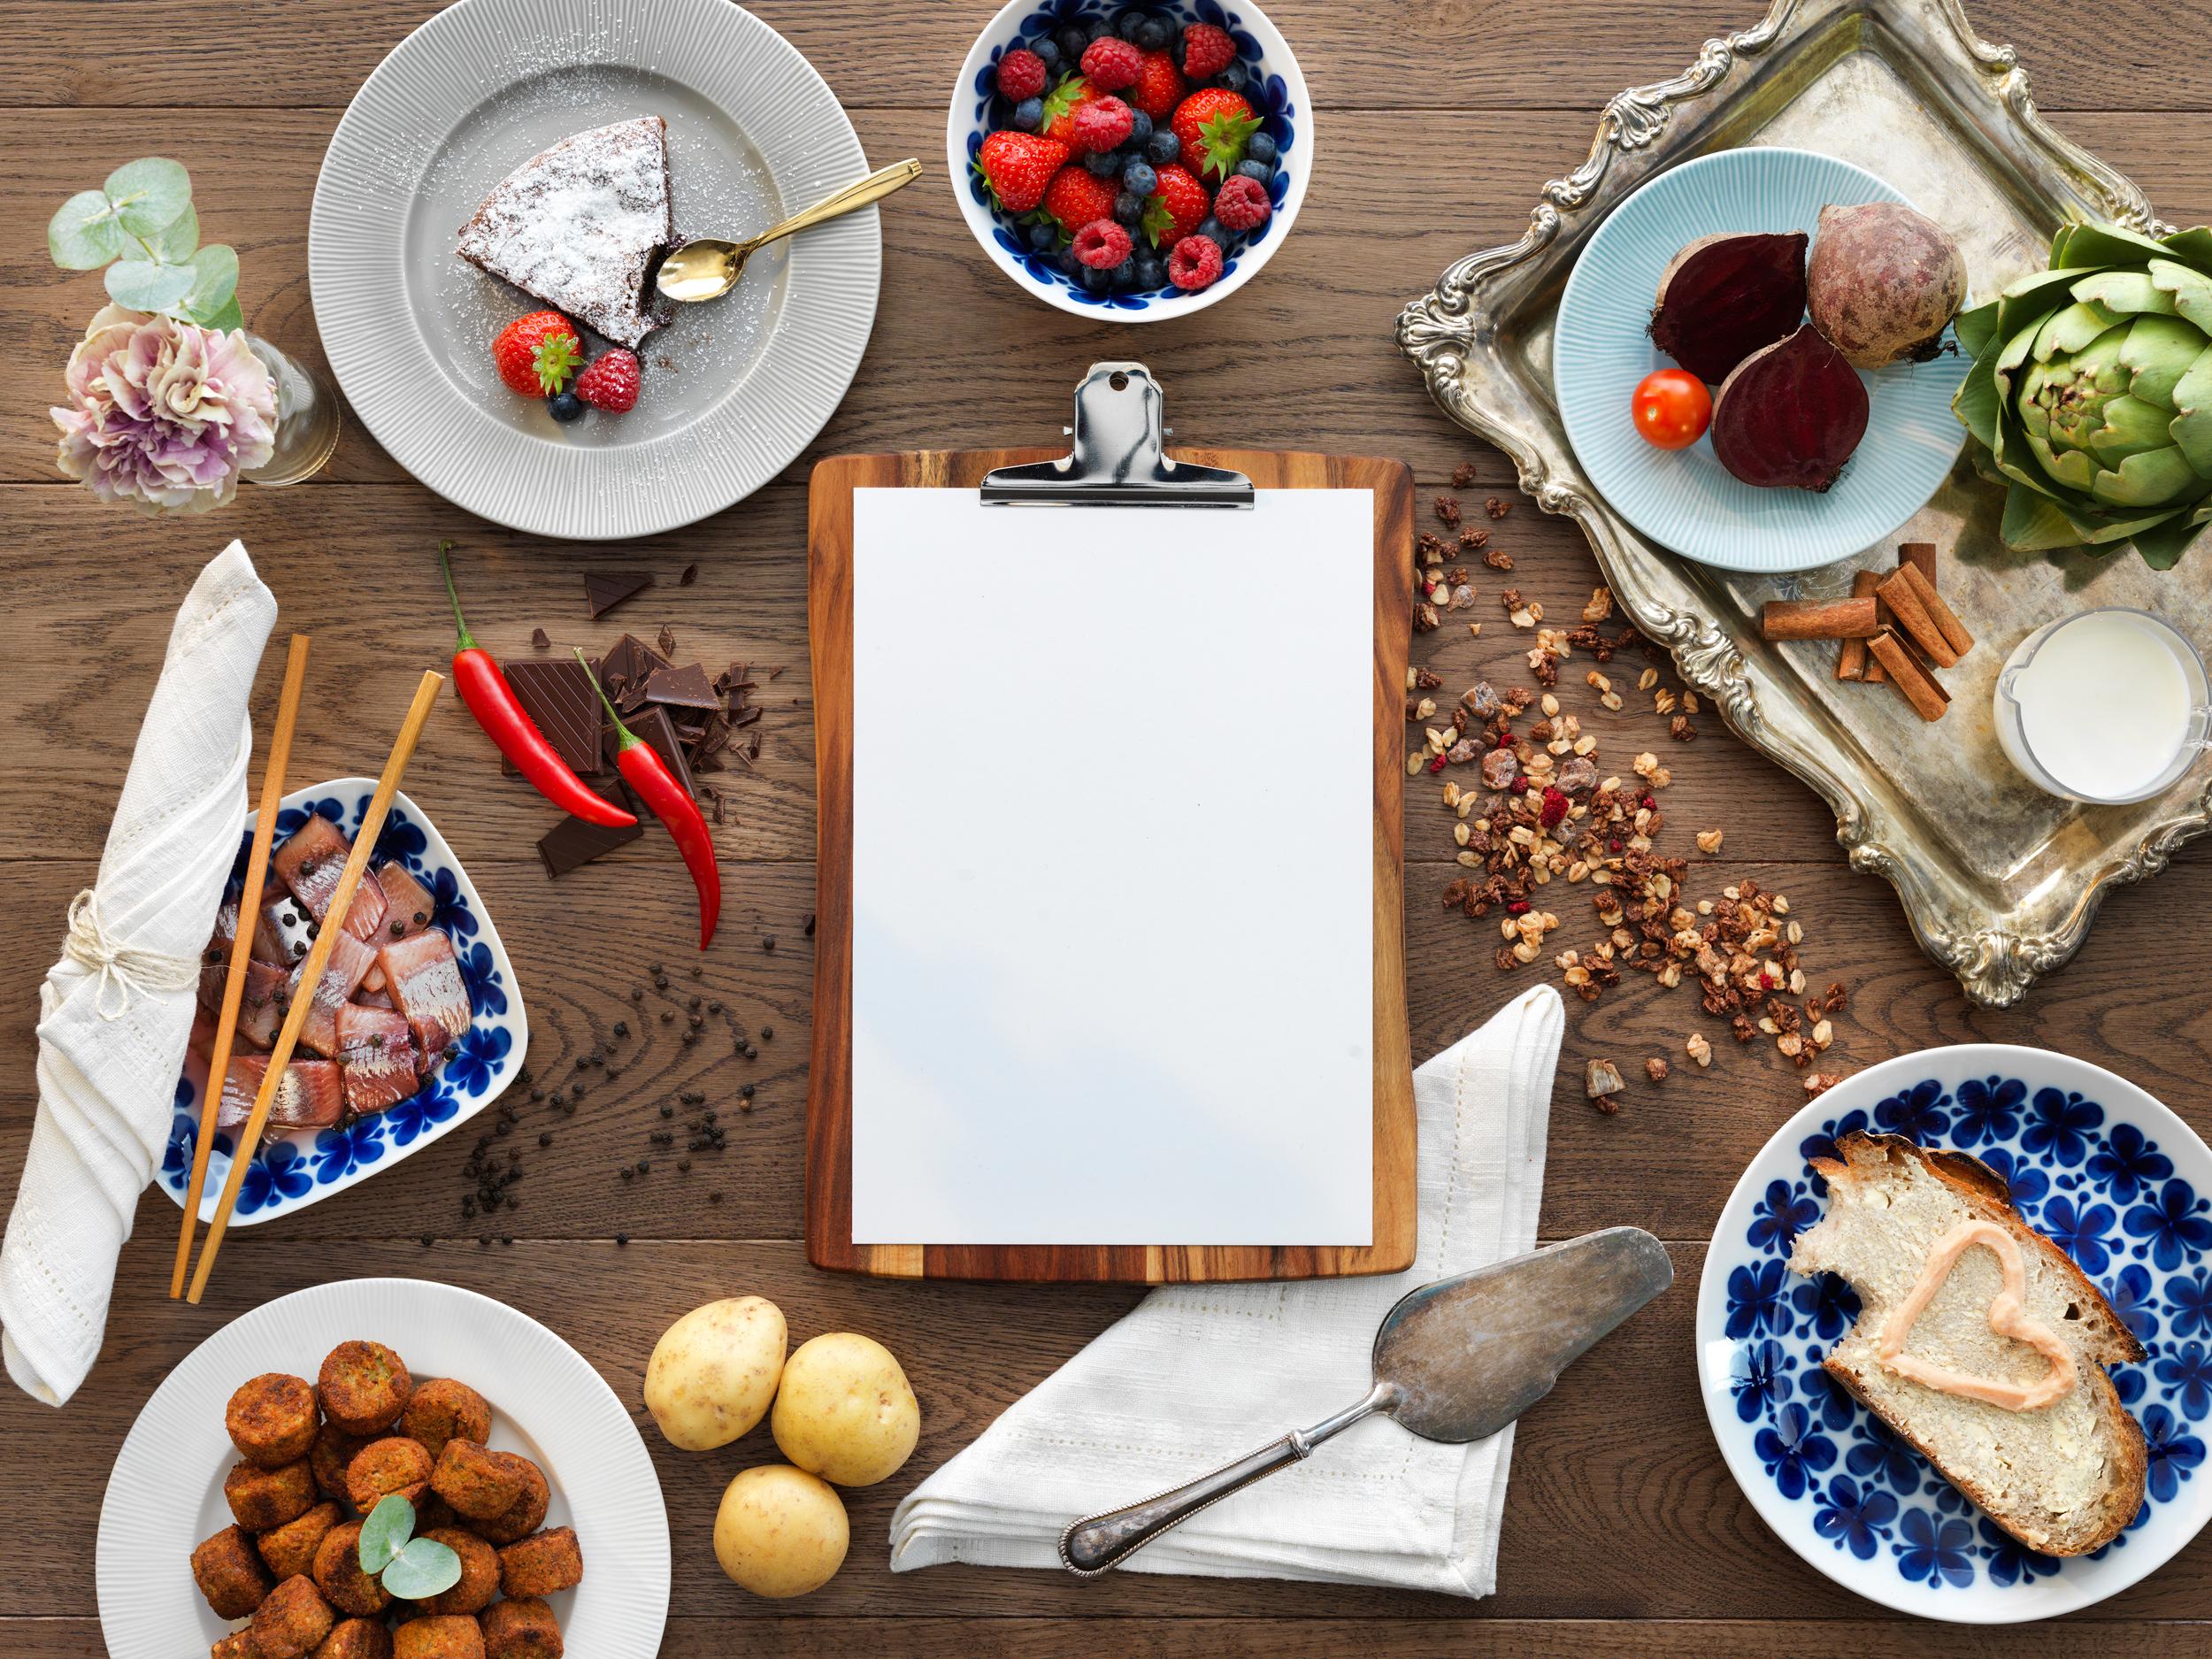 Food on a wood table